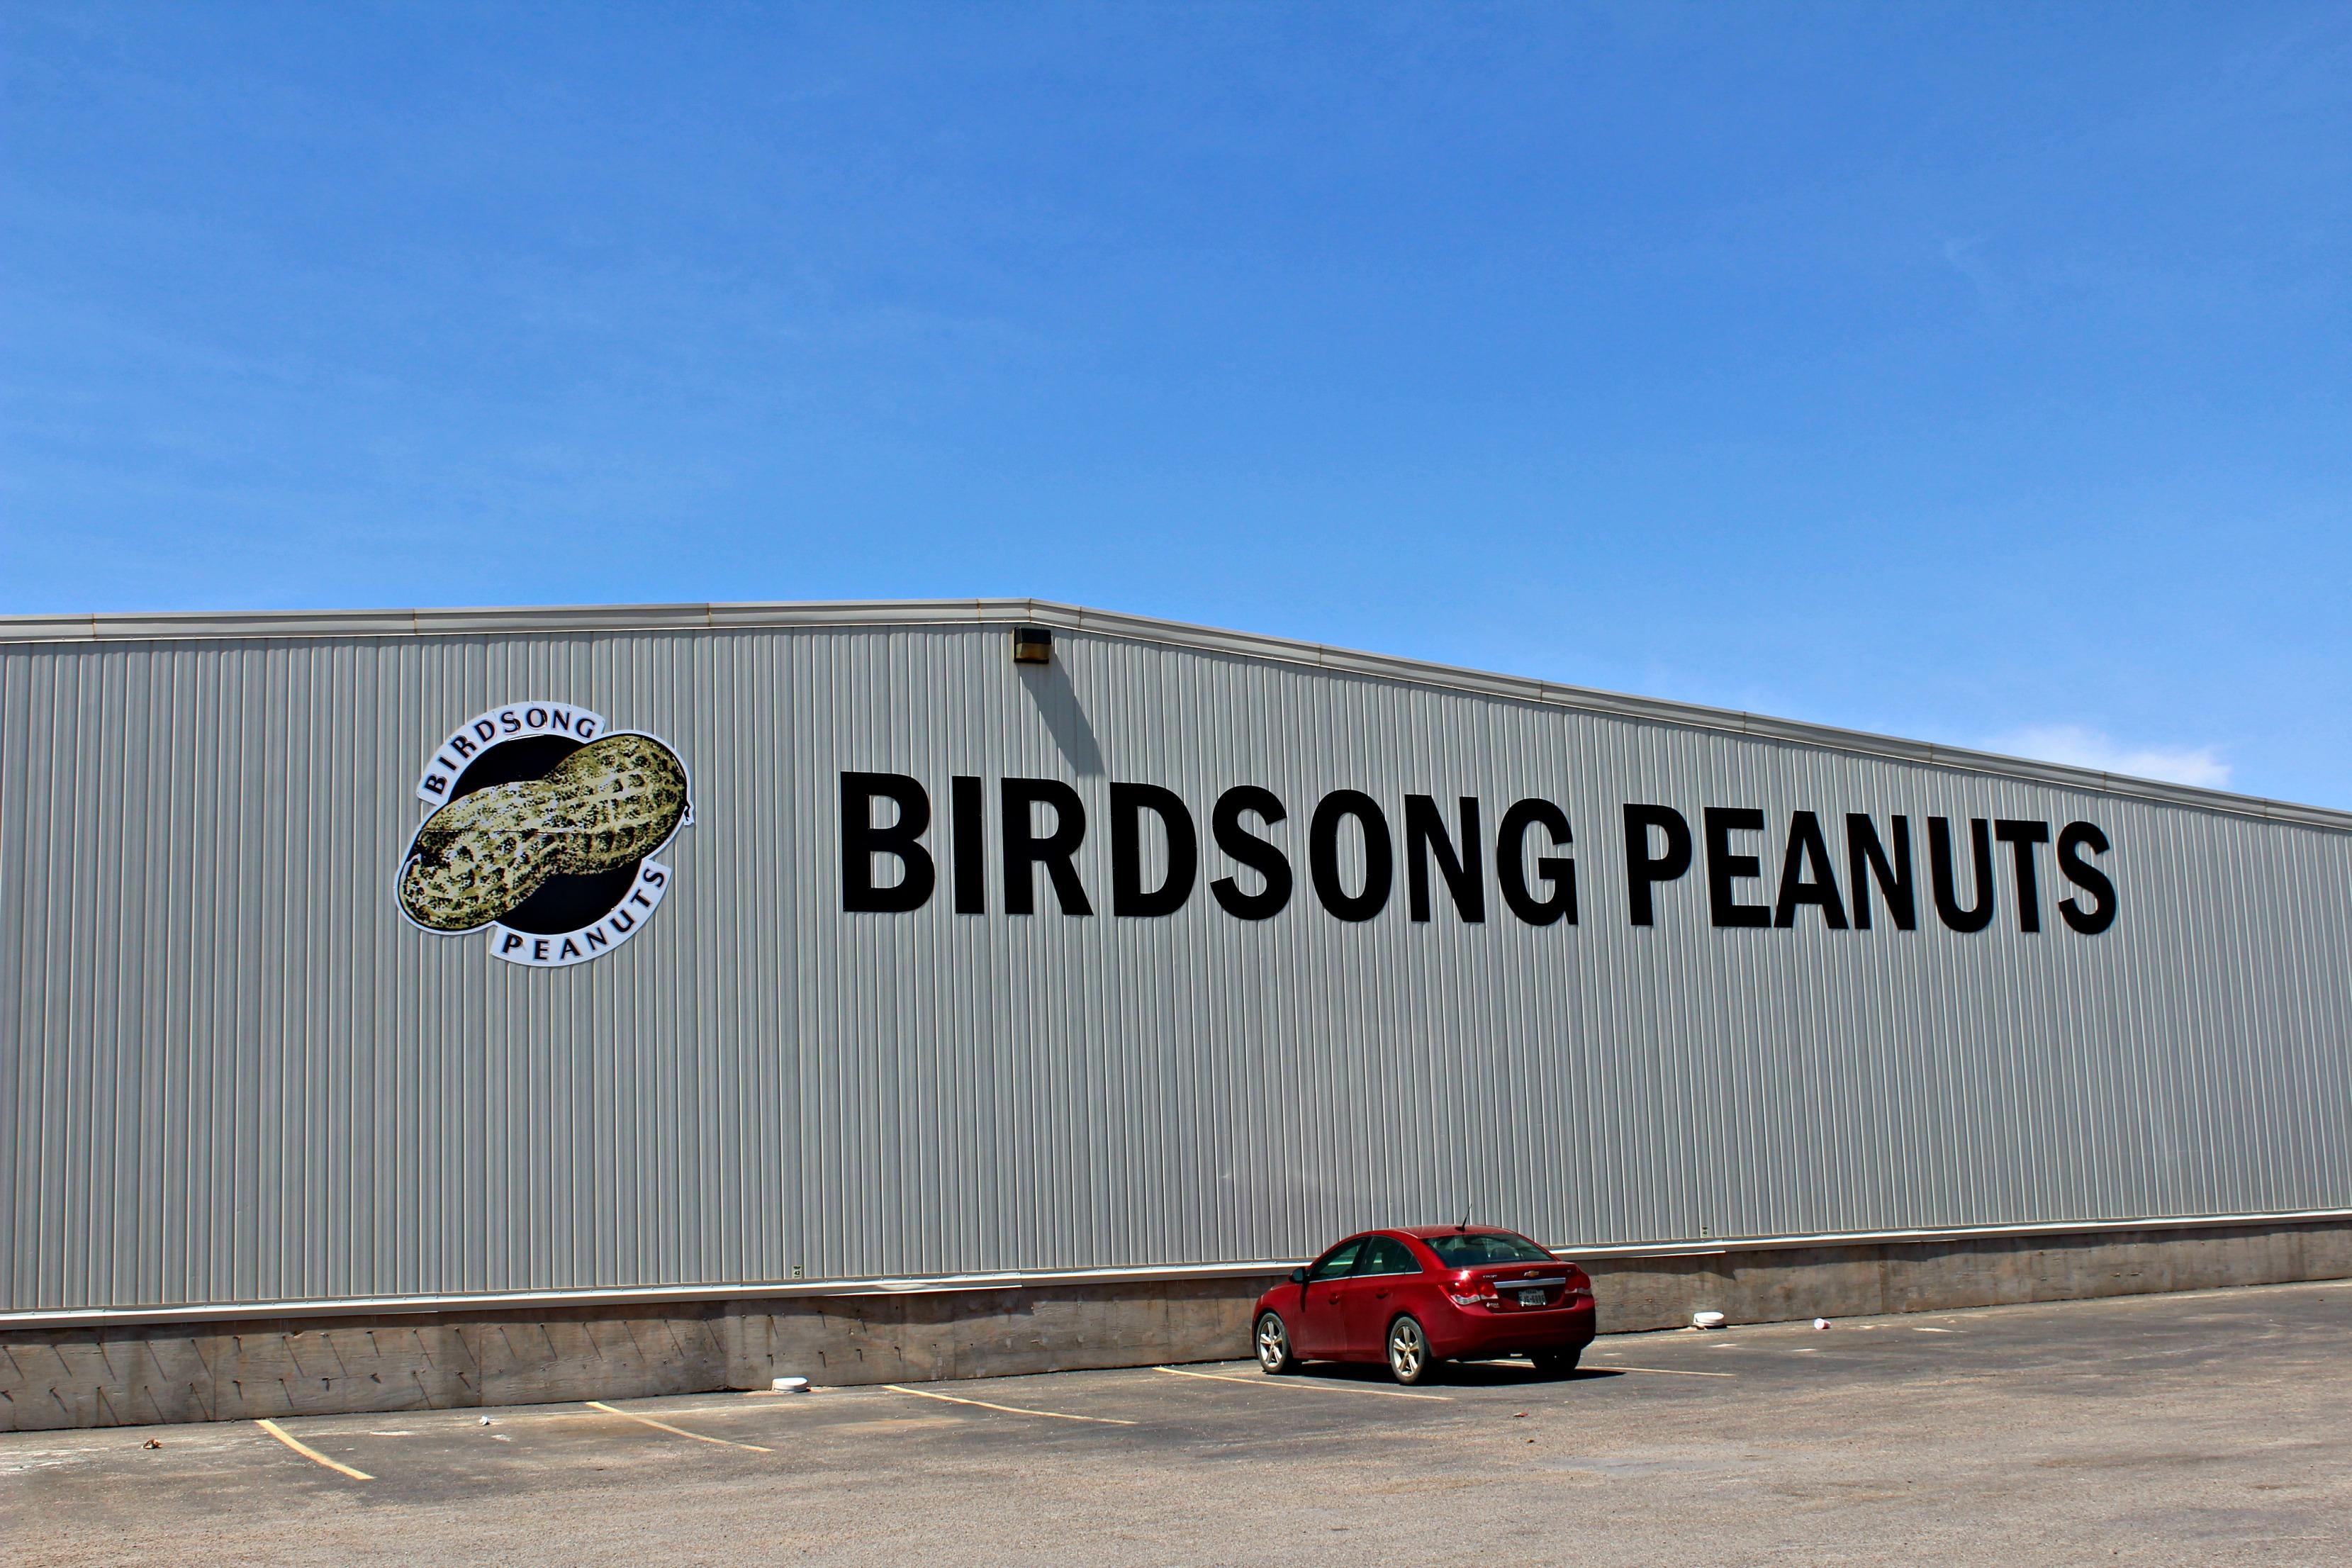 Tx Peanuts Tour Birdsong Plant